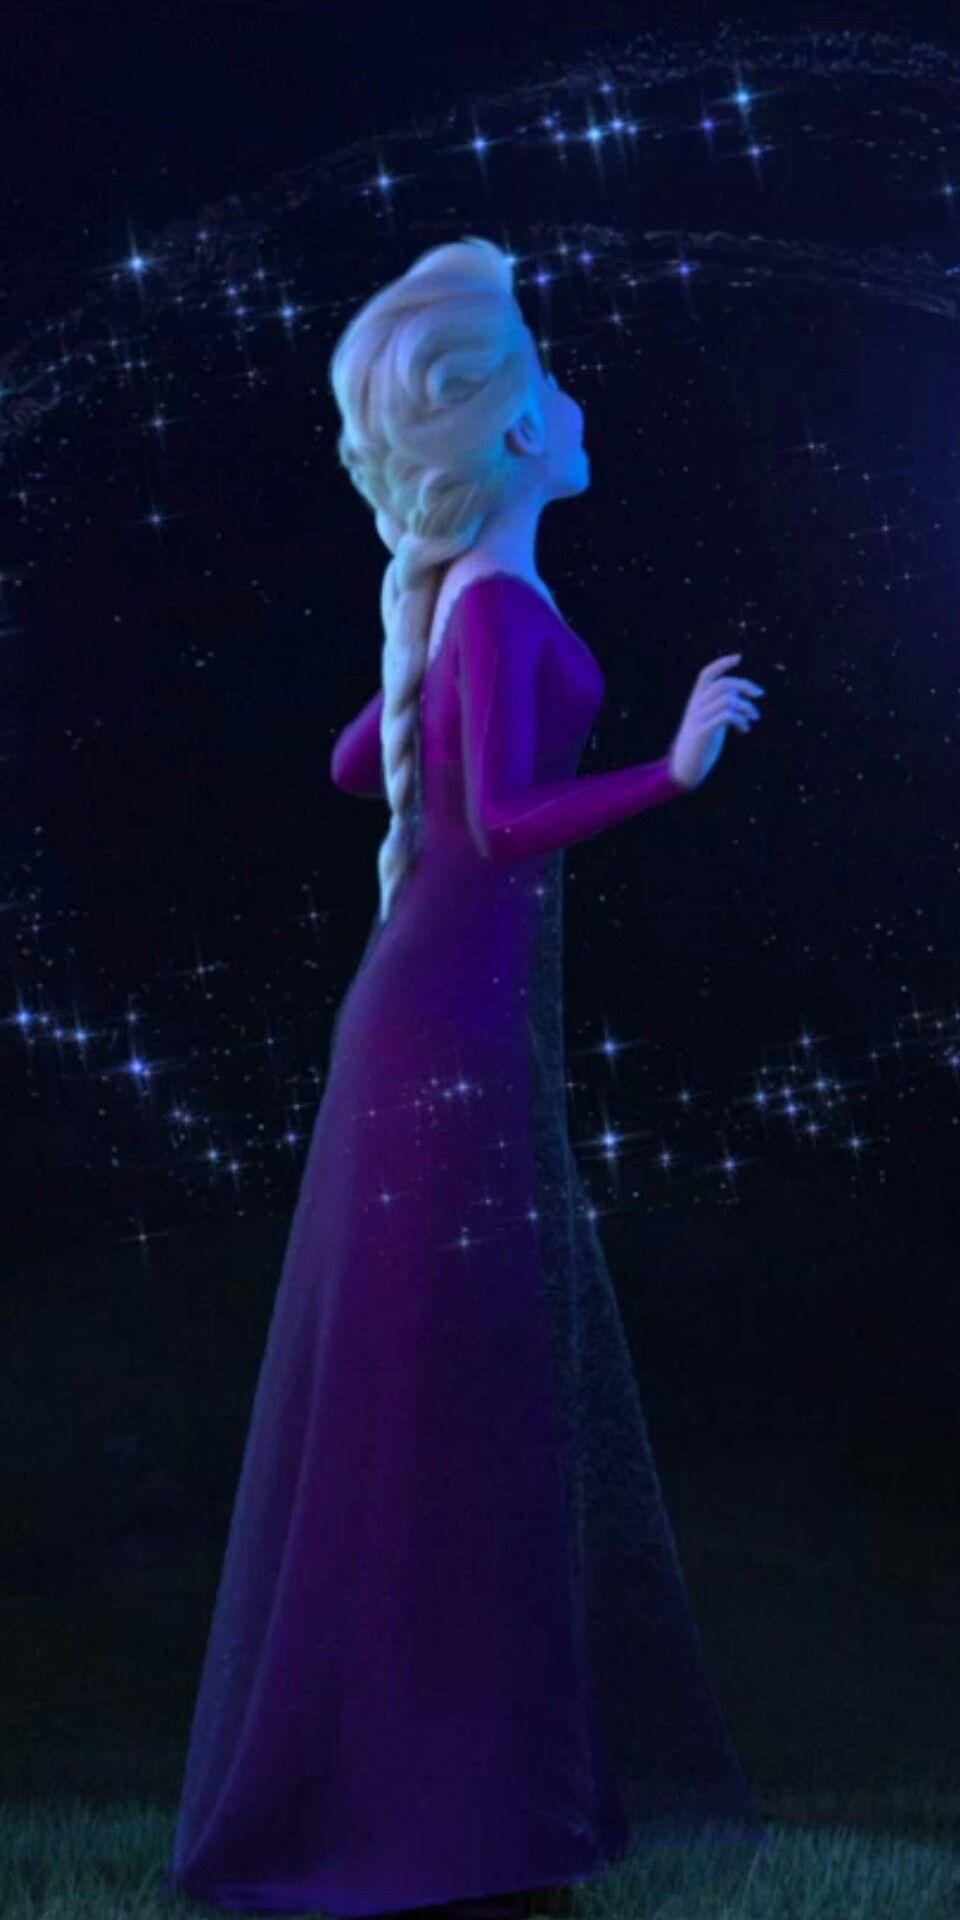 Frozen 2 Elsa braid side | Reine des neiges, Elsa, Reine